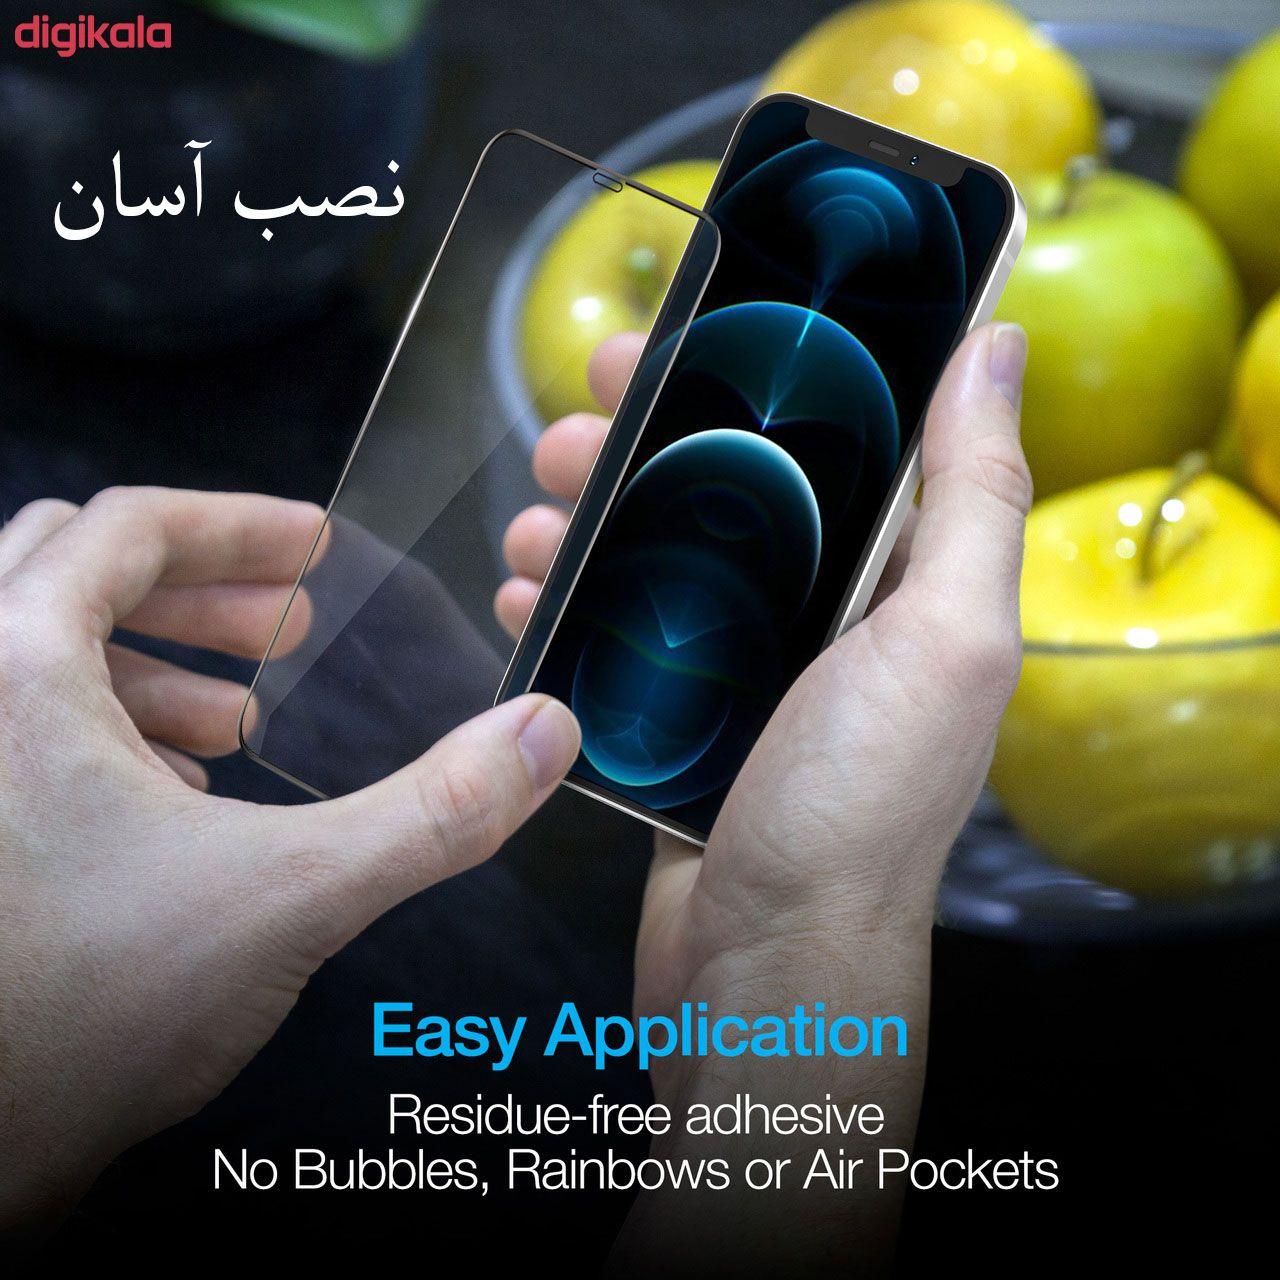 محافظ صفحه نمایش مدل FCG مناسب برای گوشی موبایل اپل iPhone 12 mini بسته دو عددی main 1 15